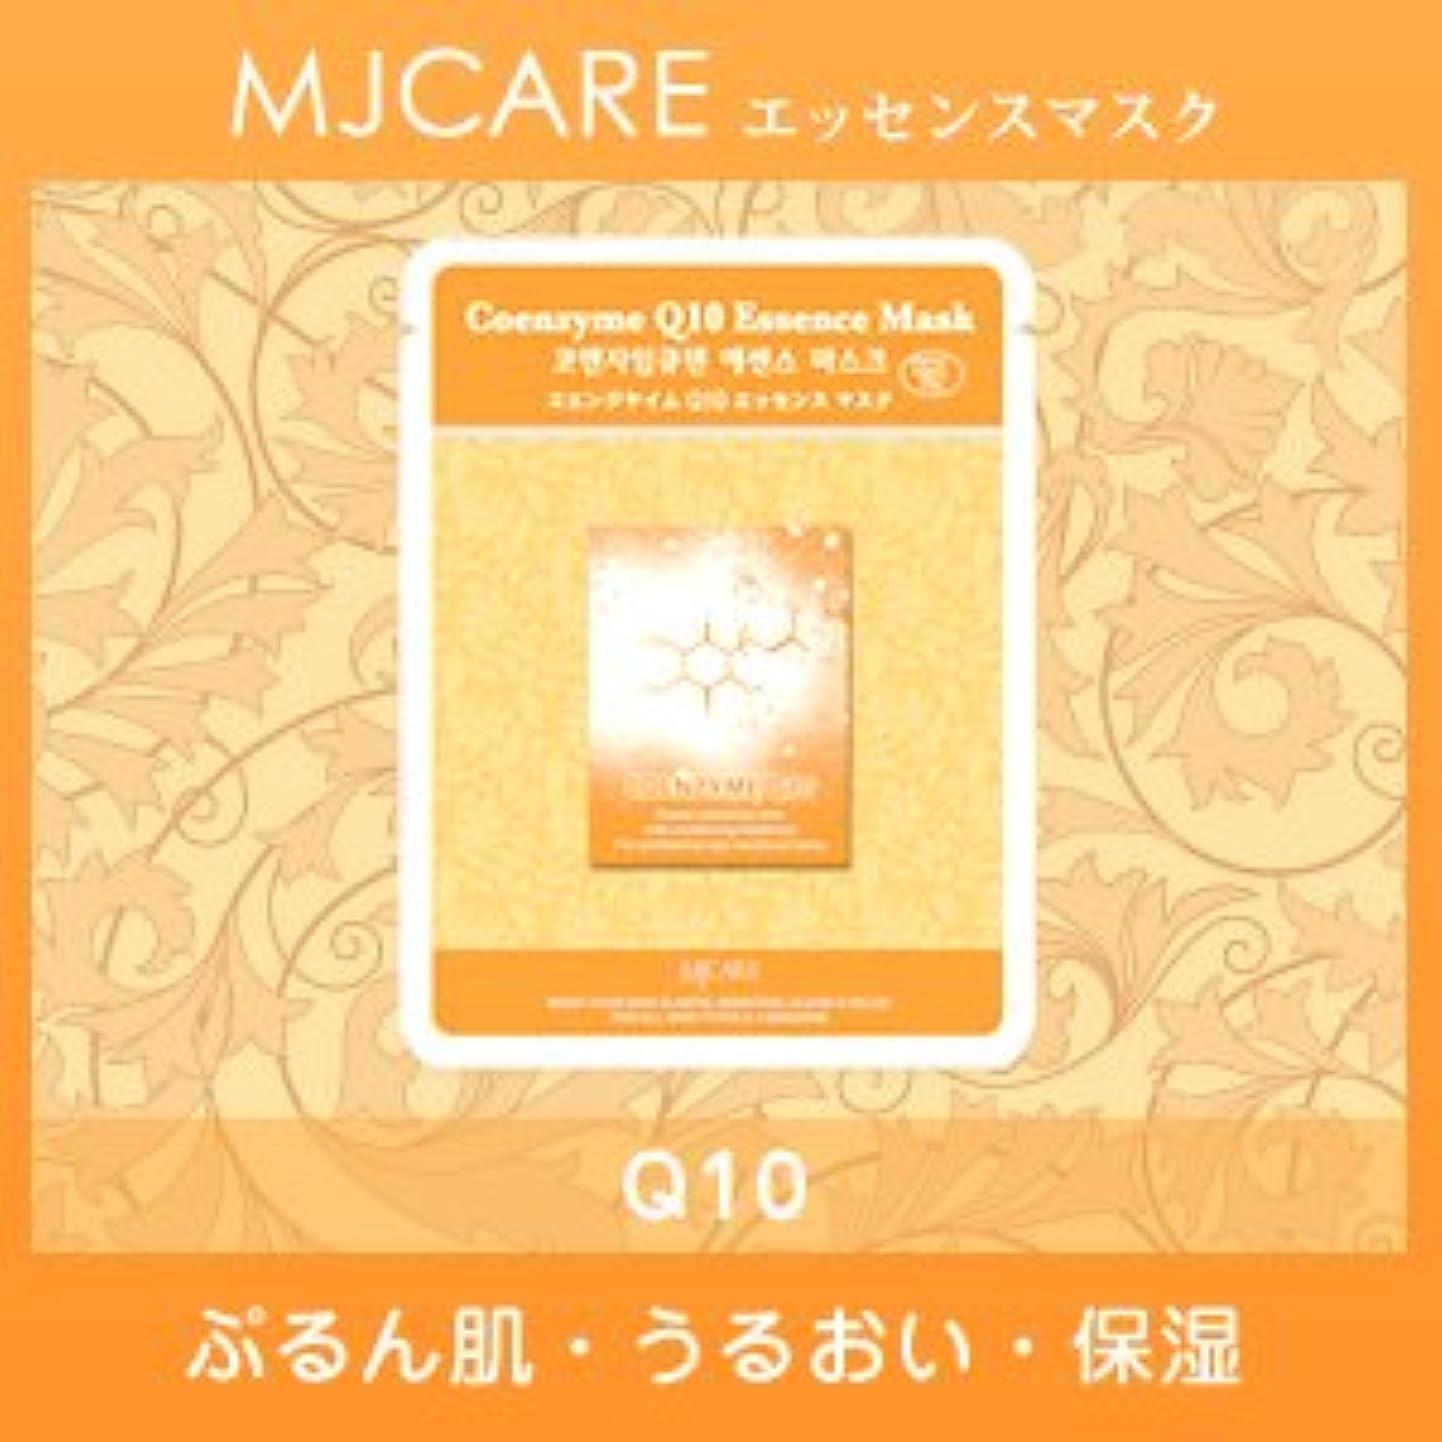 腸比喩罰MJCARE (エムジェイケア) コエンザイムQ10 エッセンスマスク